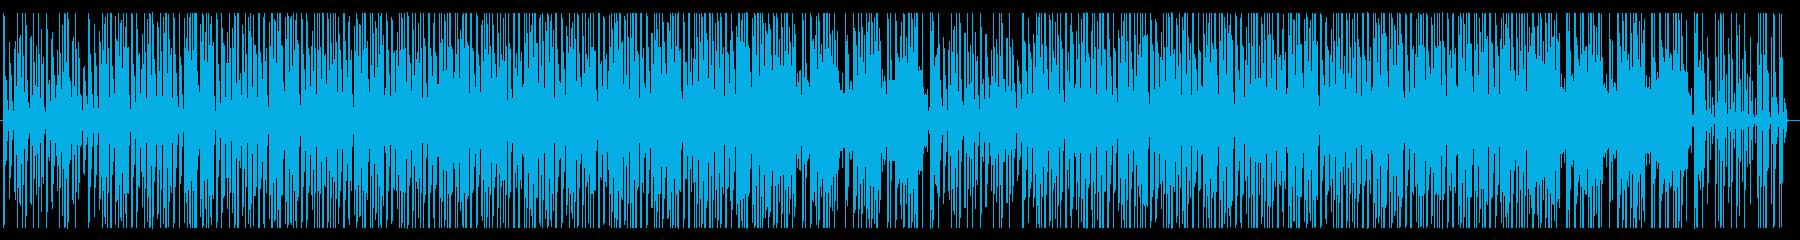 楽しい遠足 アウトドア ピクニック 登山の再生済みの波形